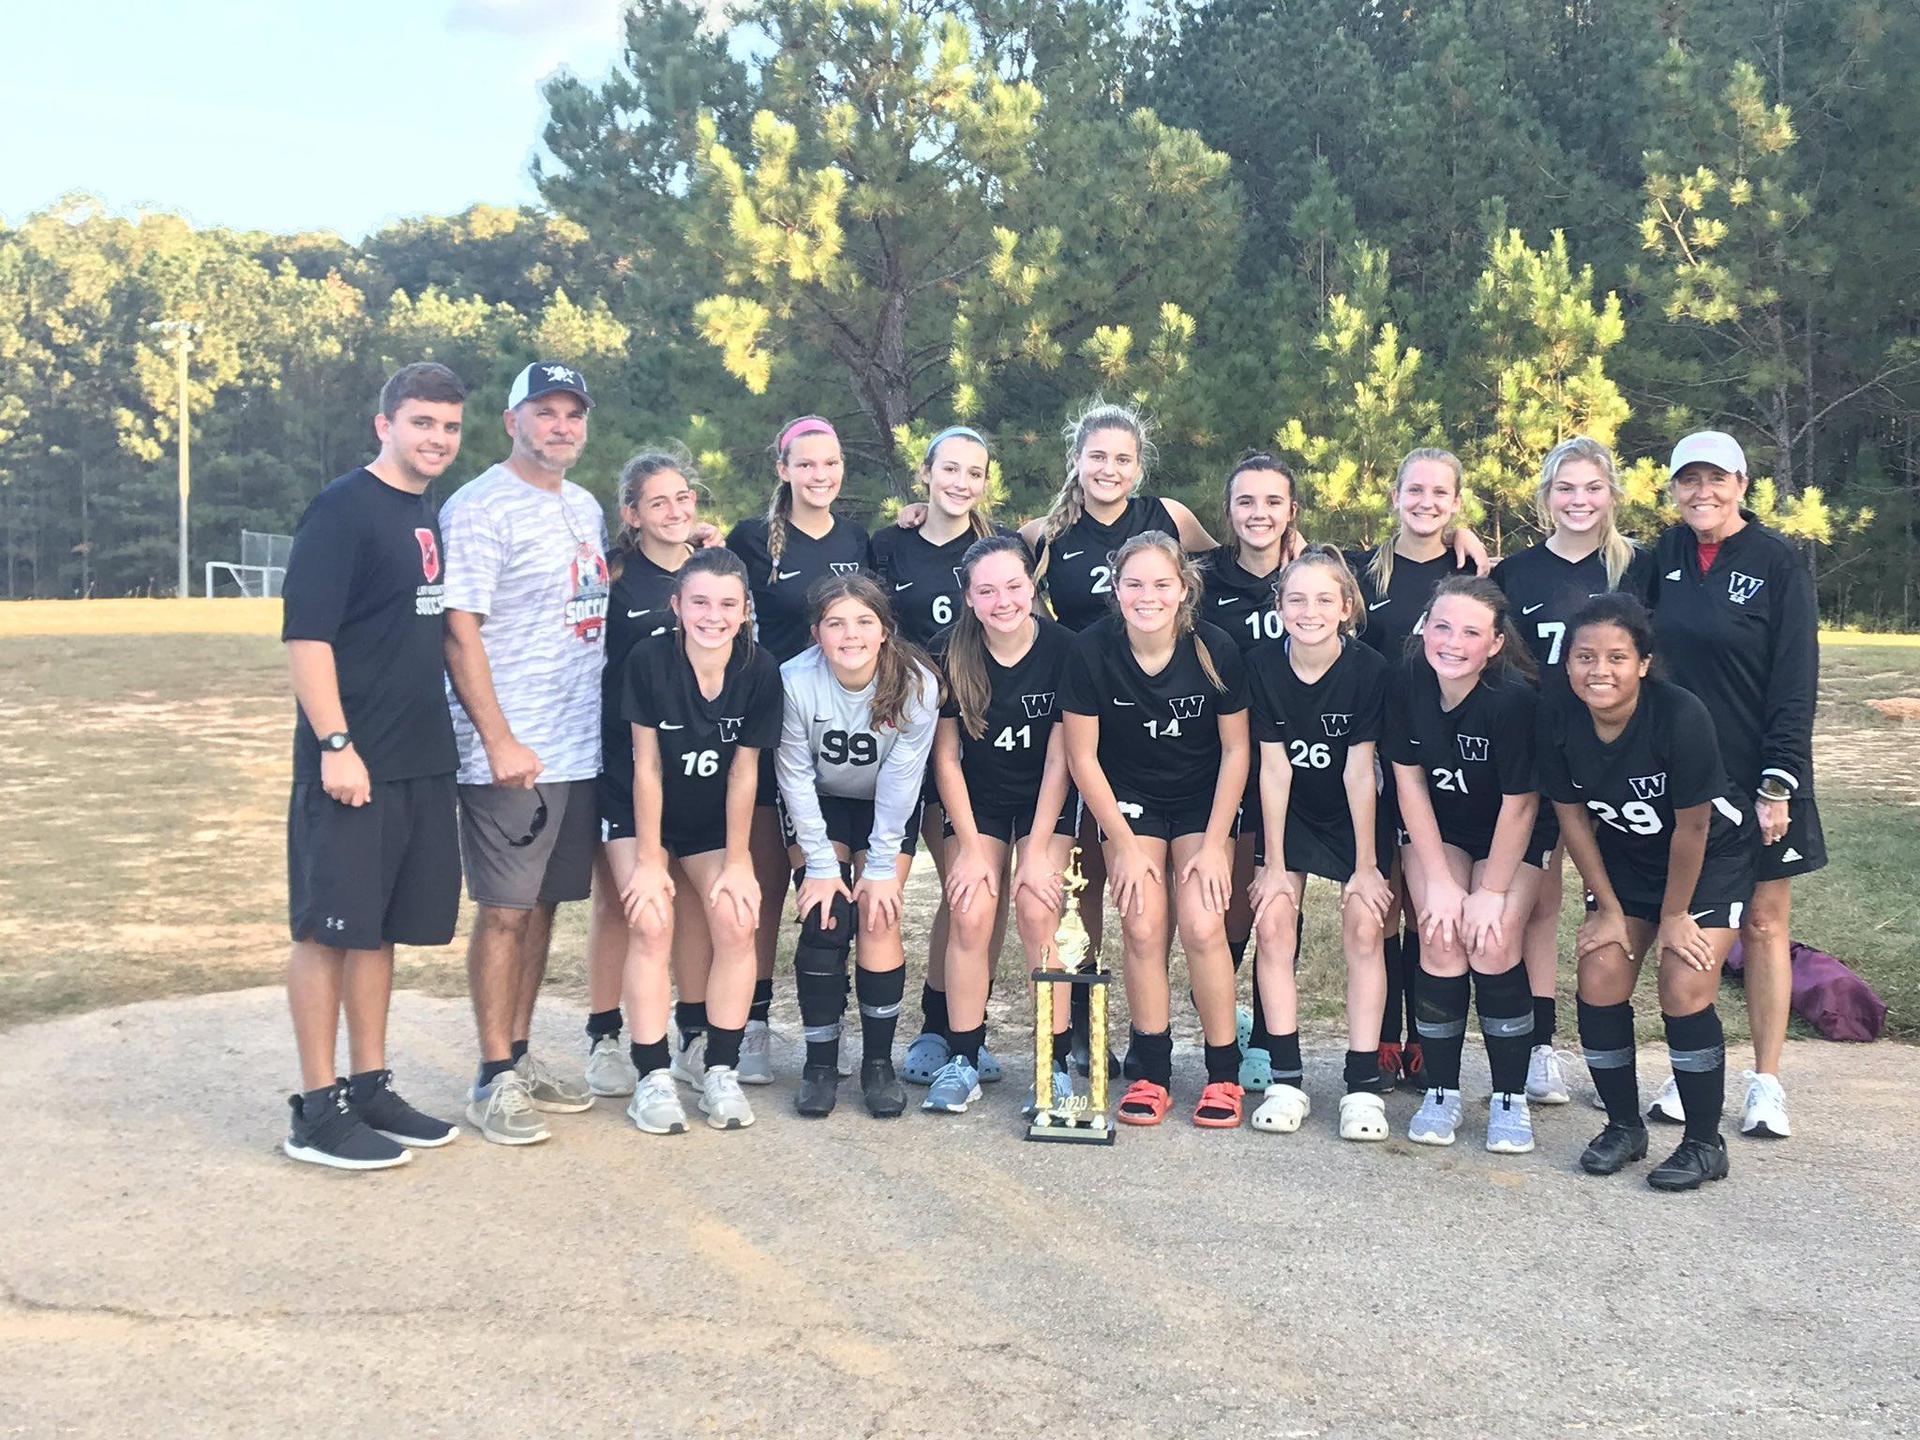 WLHS 2020 JV Girls Soccer Team